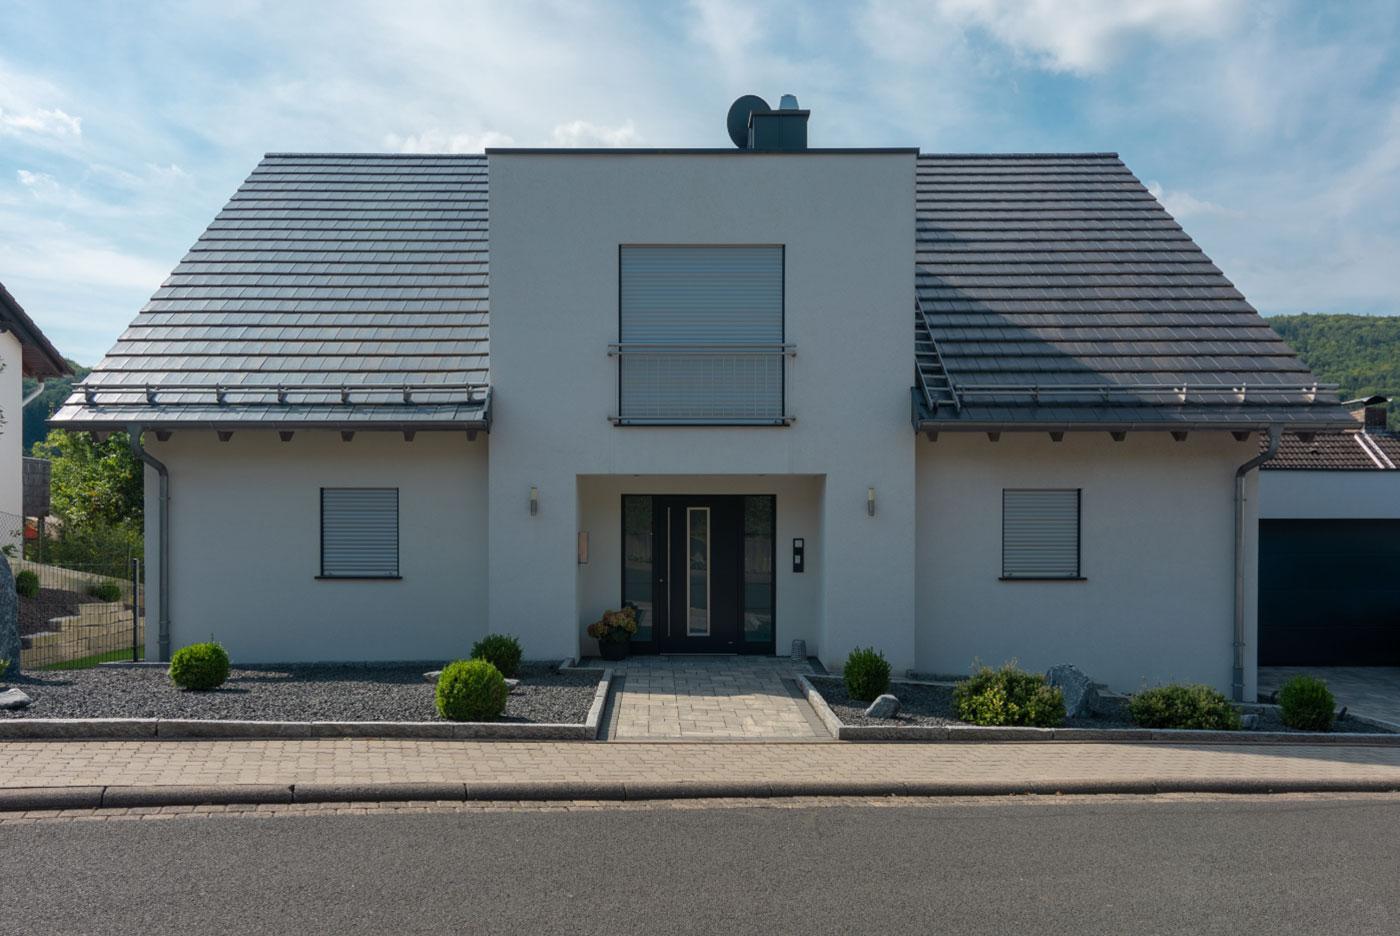 Einfamilienhaus, garten, Haus, bauen, rohbau, familie